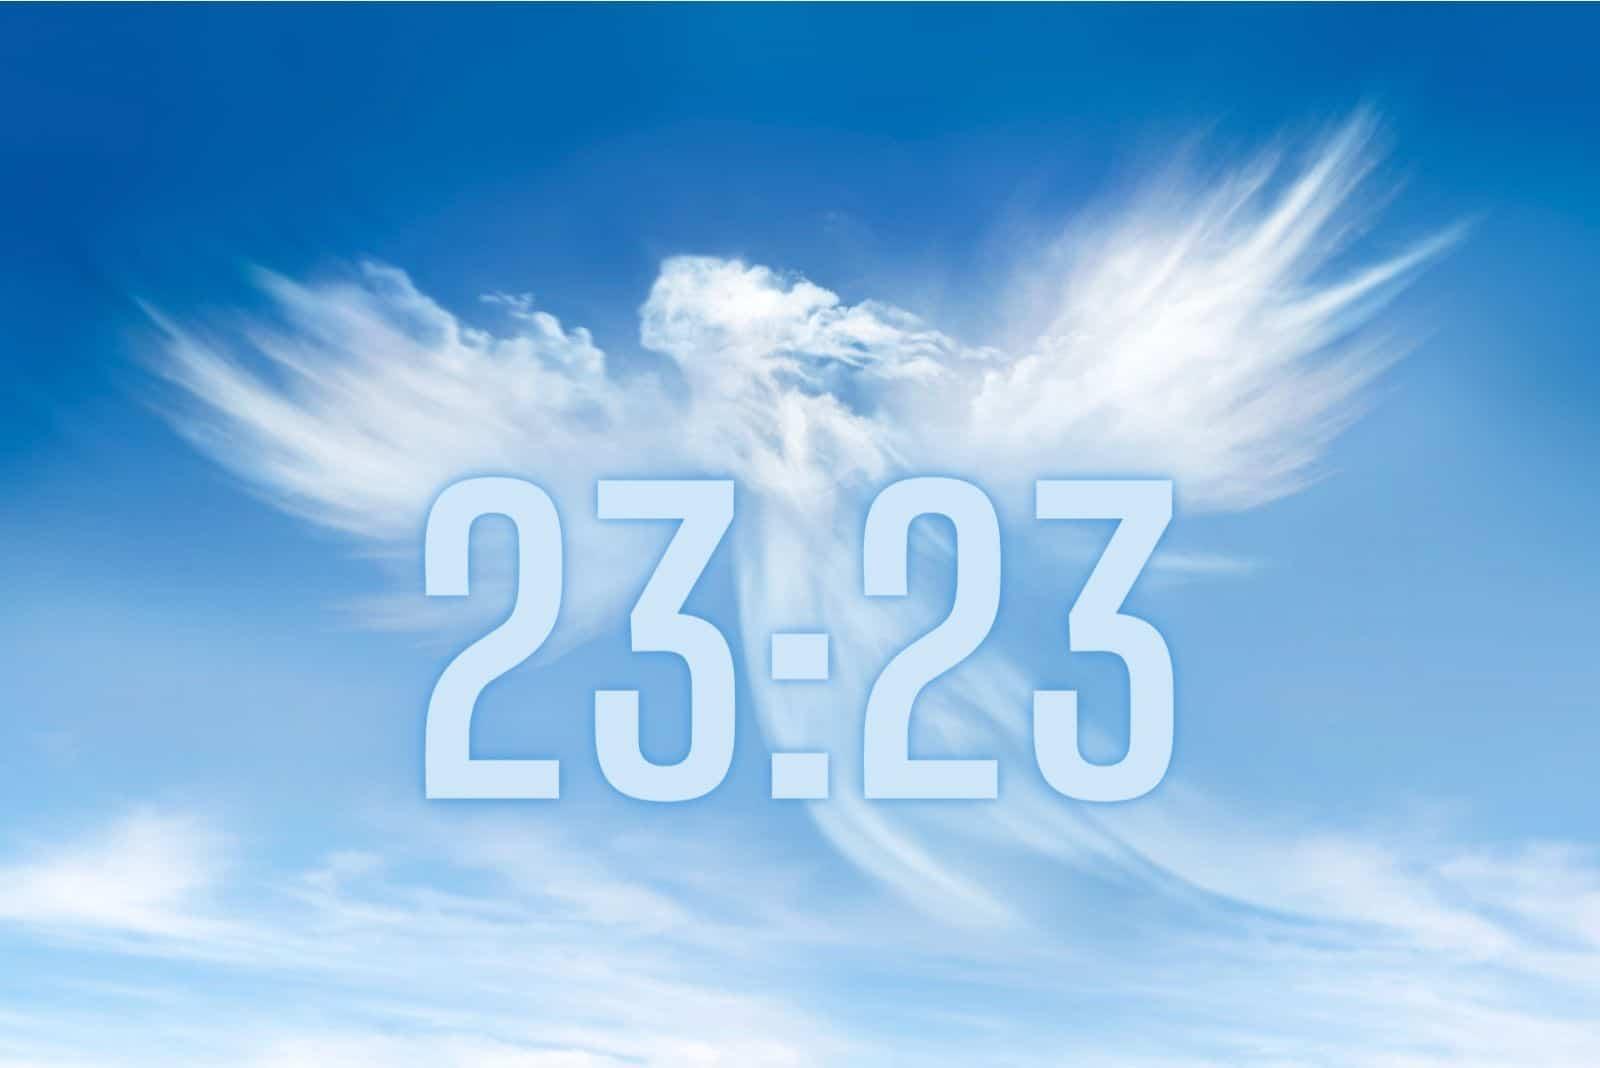 Zeit 23:23 in den Himmel geschrieben mit Engel aus Wolken